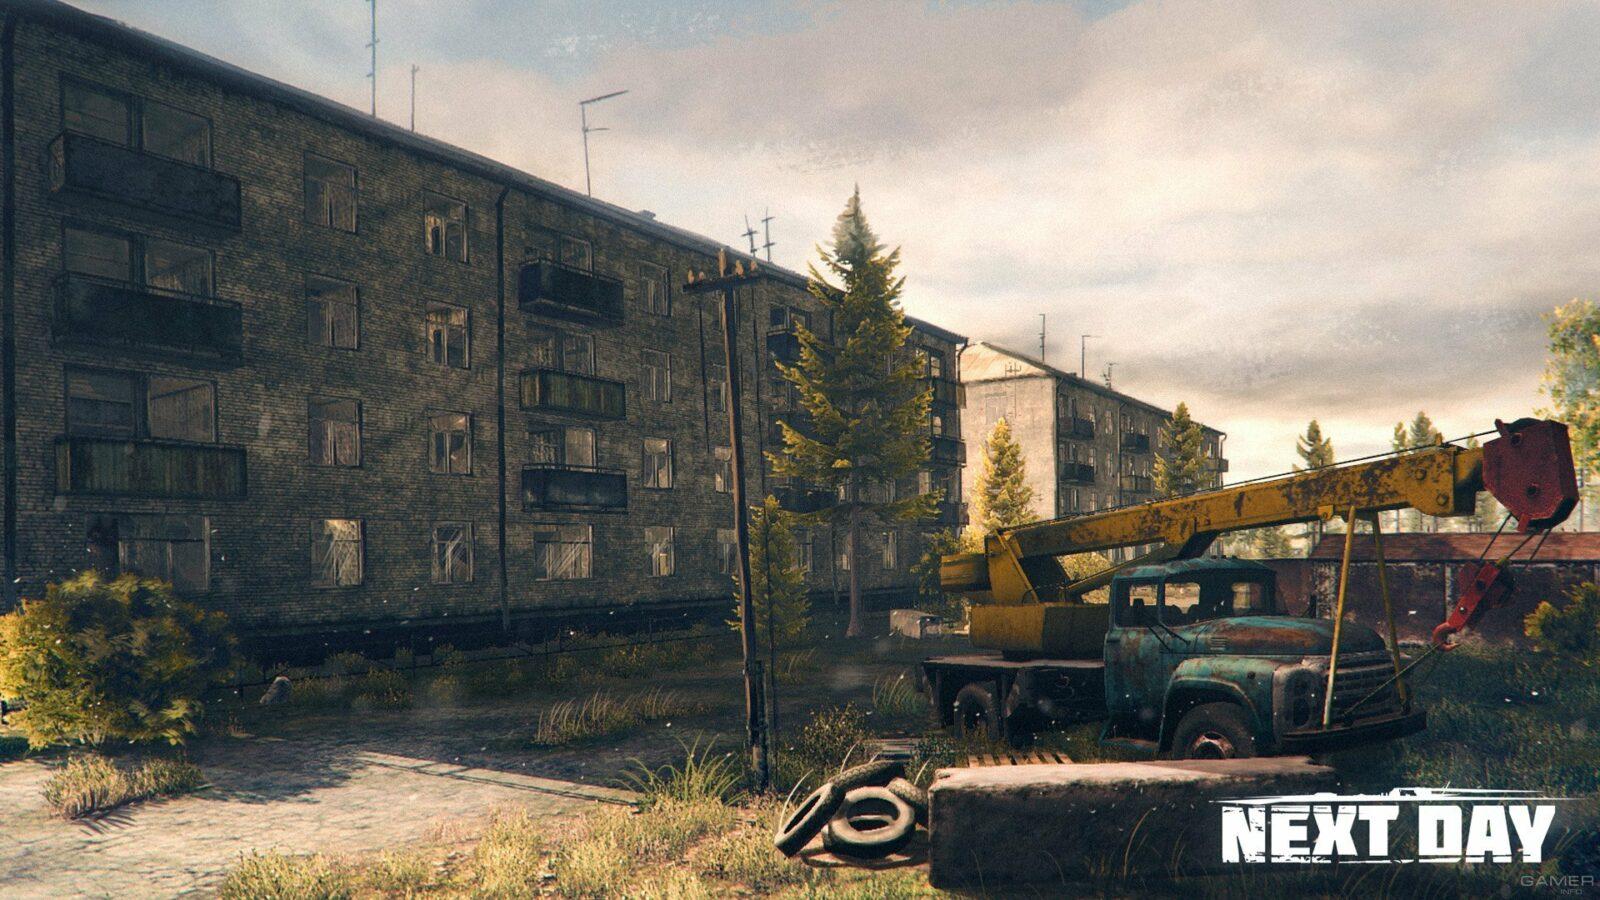 Системные требования игры Next day survival